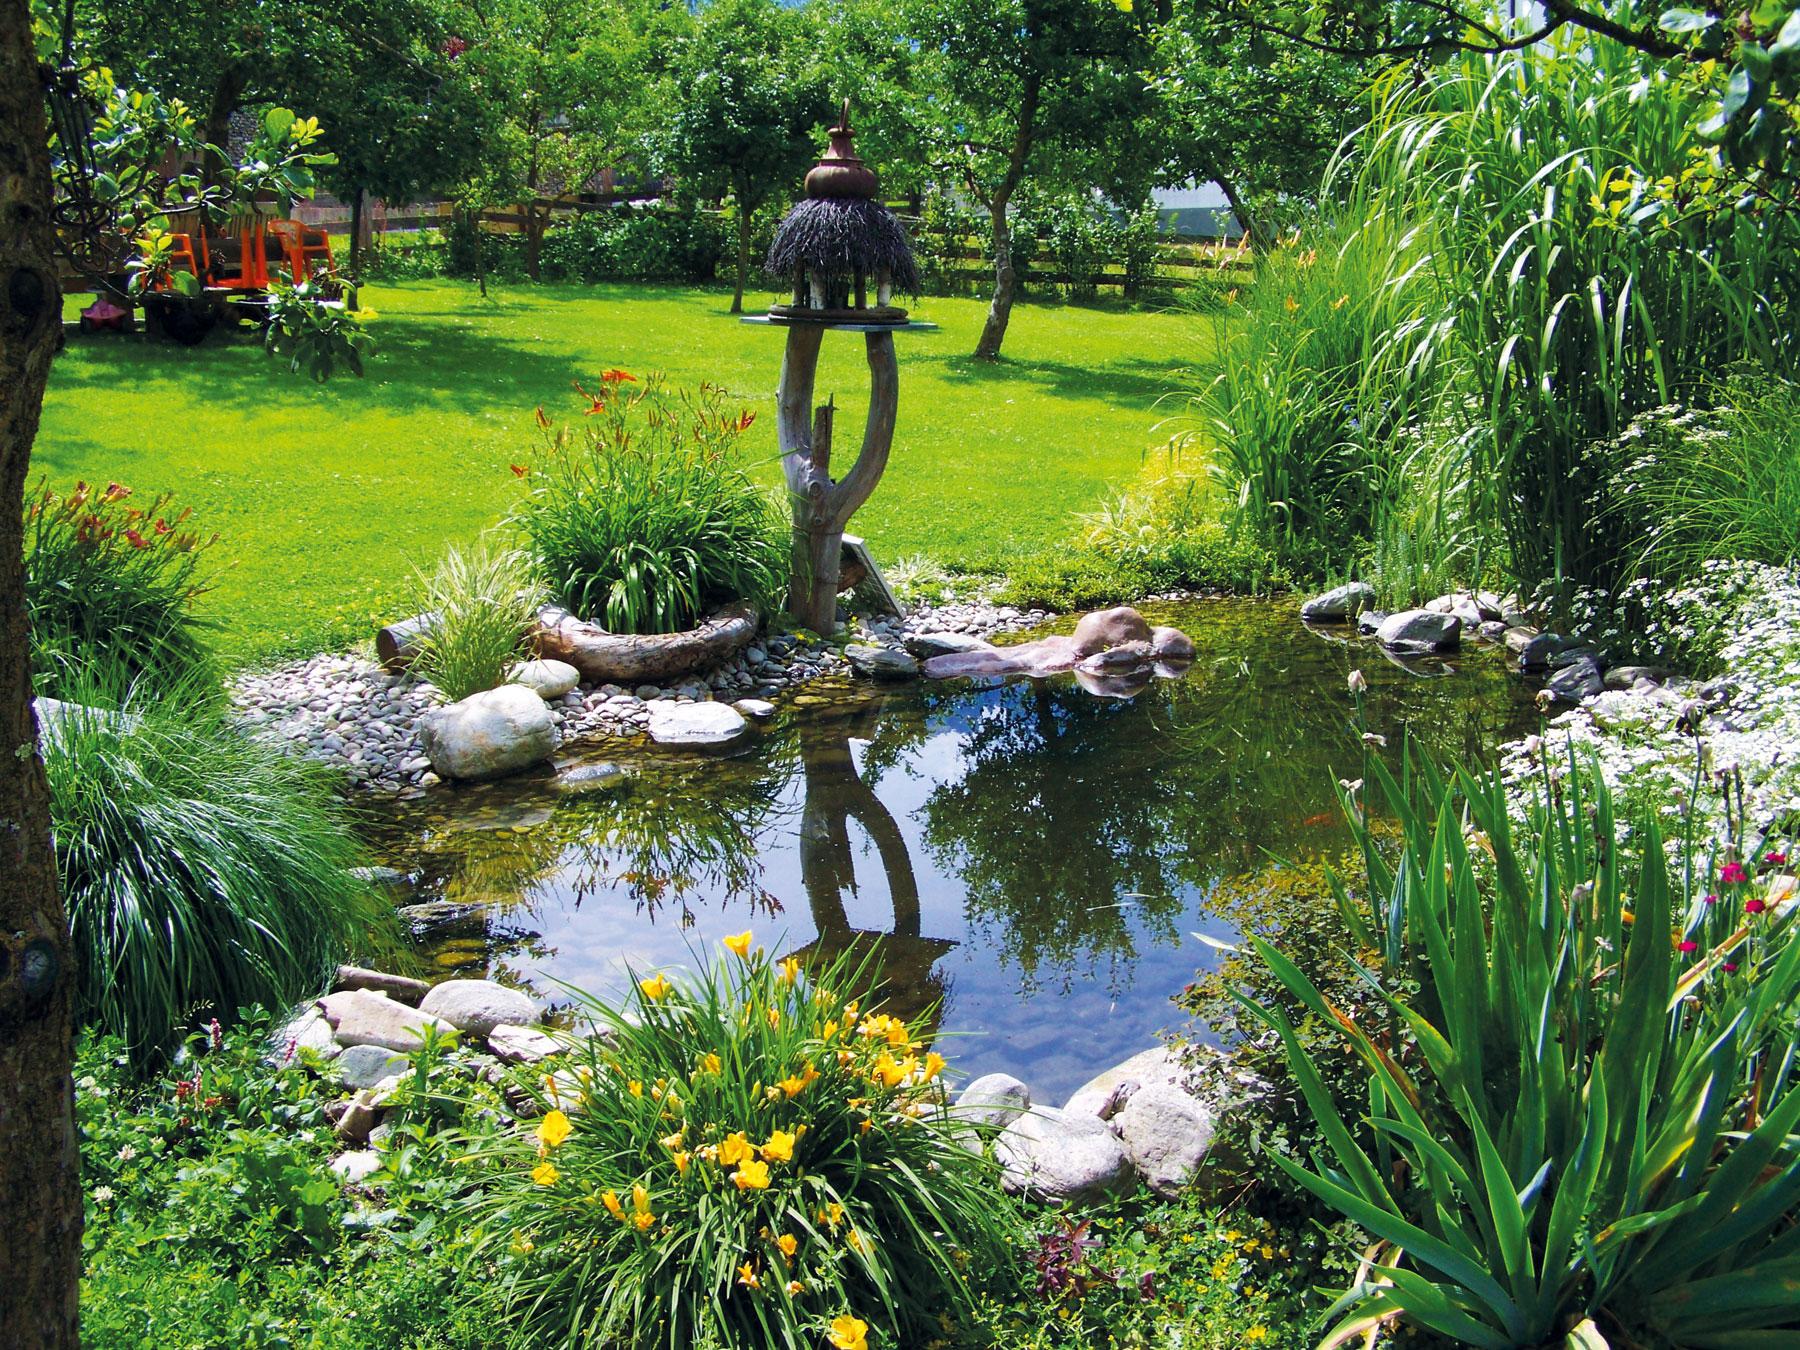 Brunnen Teich im Garten